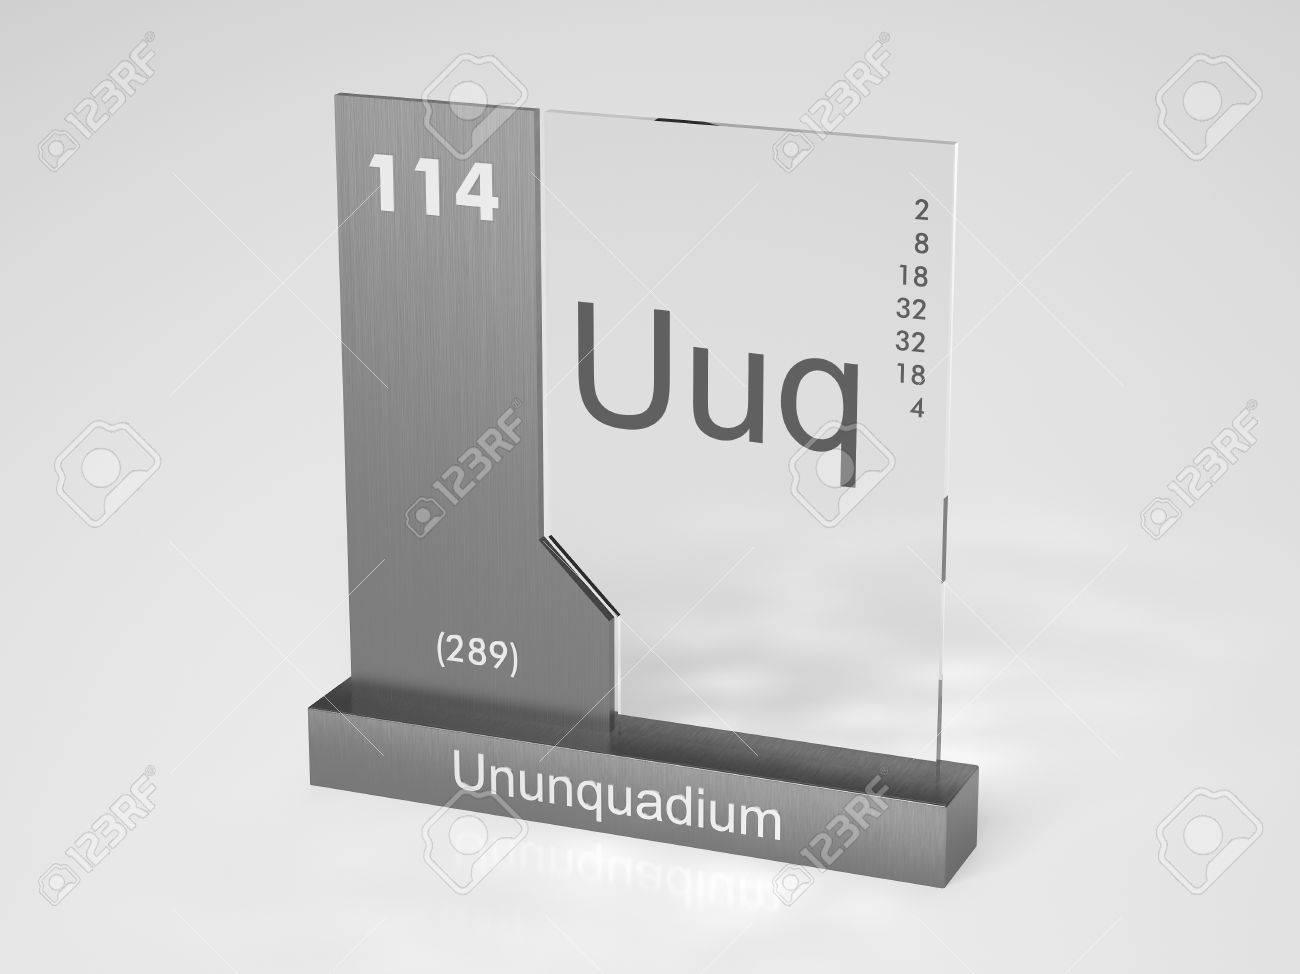 Ununquadium symbol uuq chemical element of the periodic table stock photo ununquadium symbol uuq chemical element of the periodic table urtaz Image collections